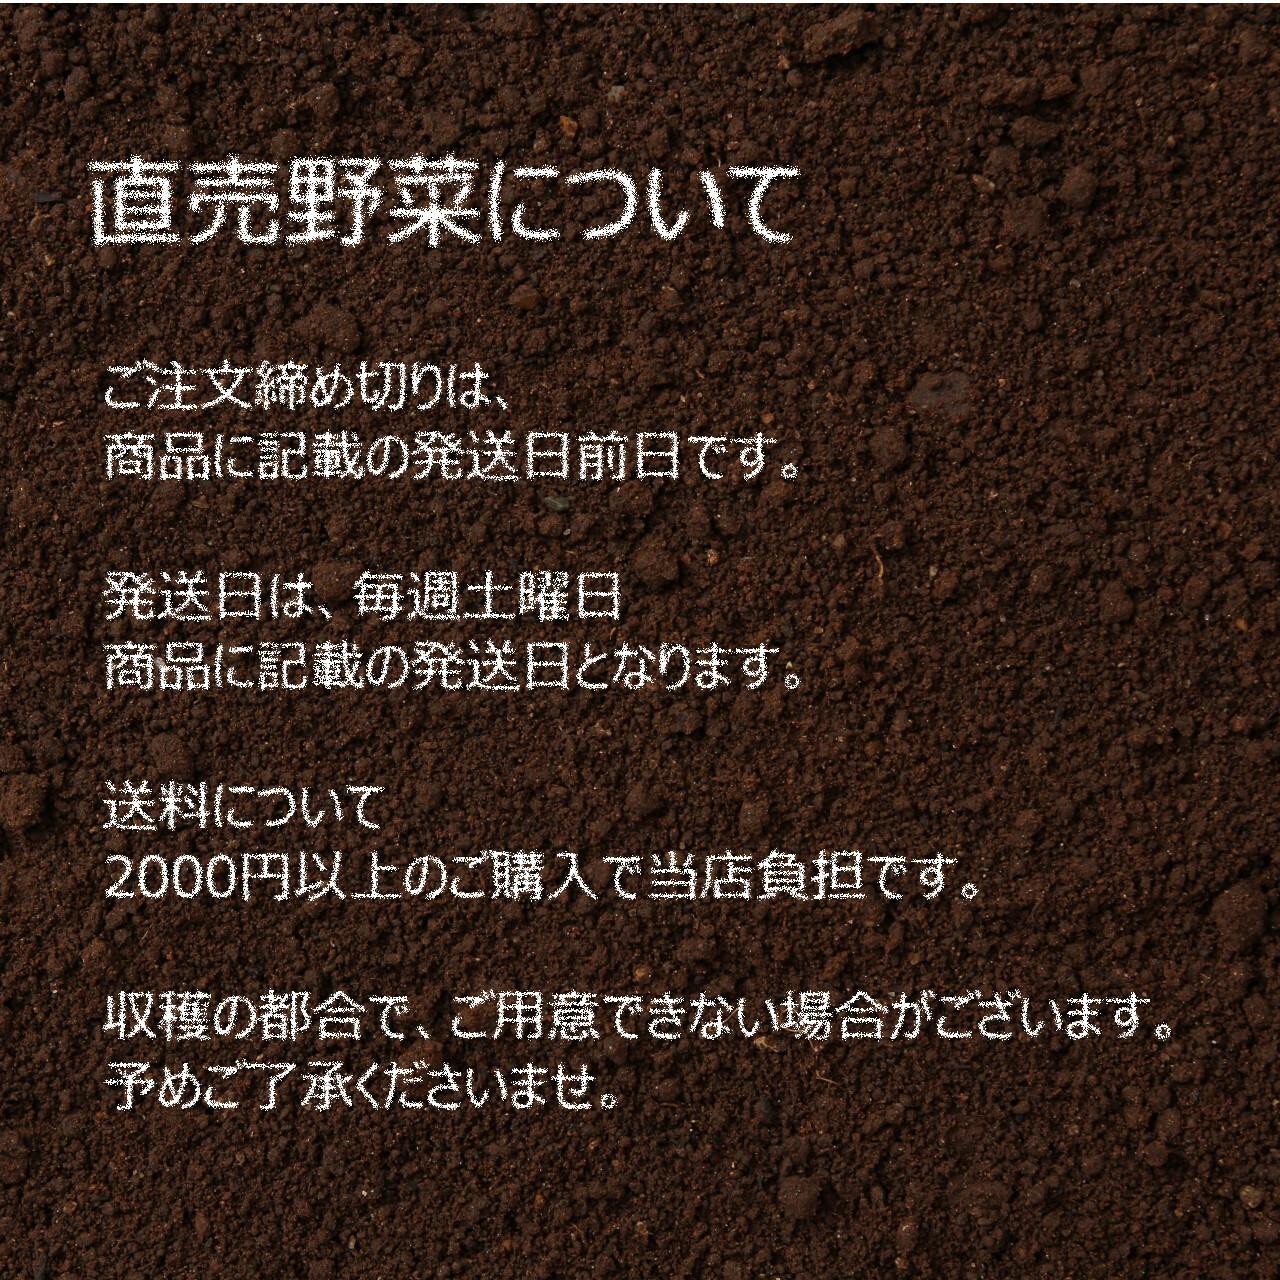 春の新鮮野菜 ネギ 3~4本 : 5月朝採り直売野菜 5月30日発送予定